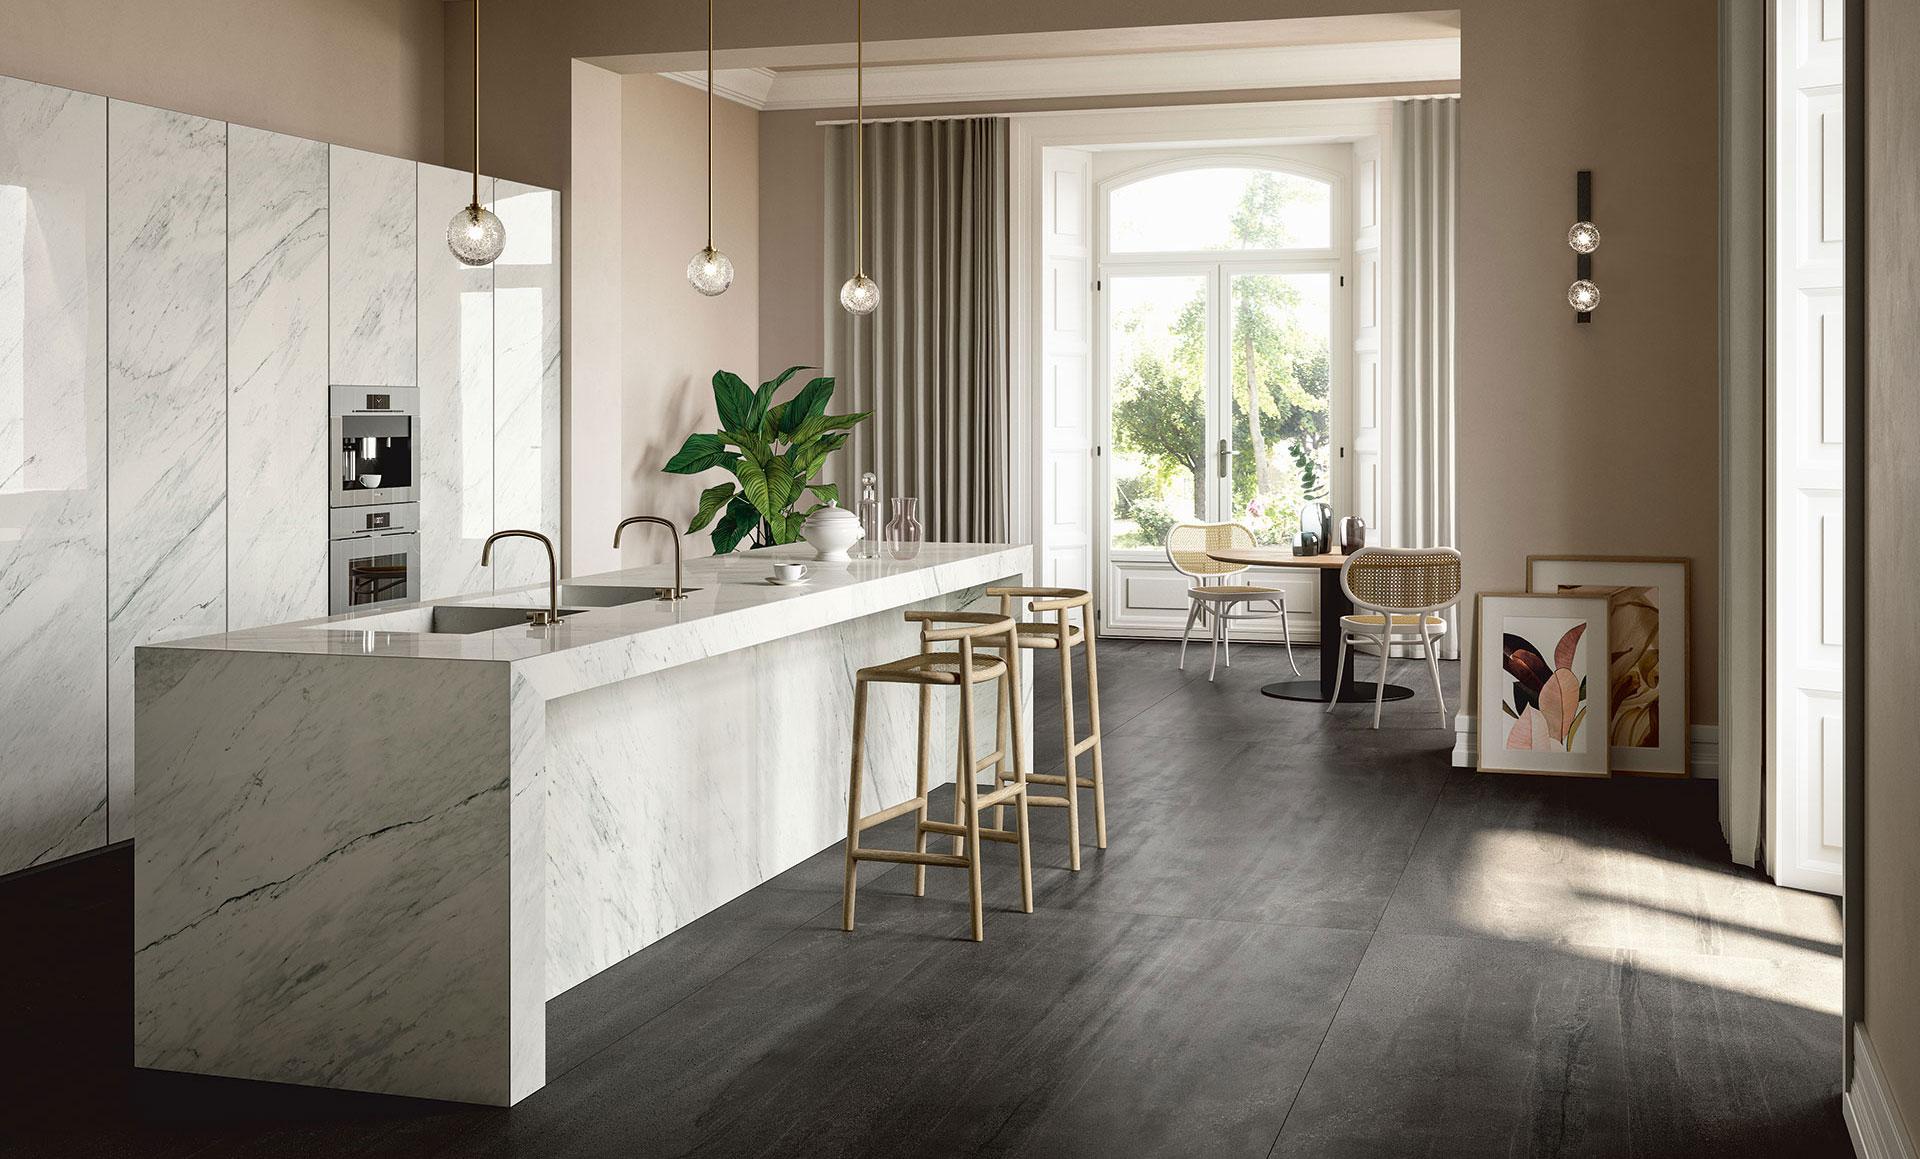 Nouveautes design 2019 les plans de cuisine sapienstone for Planner arredamento